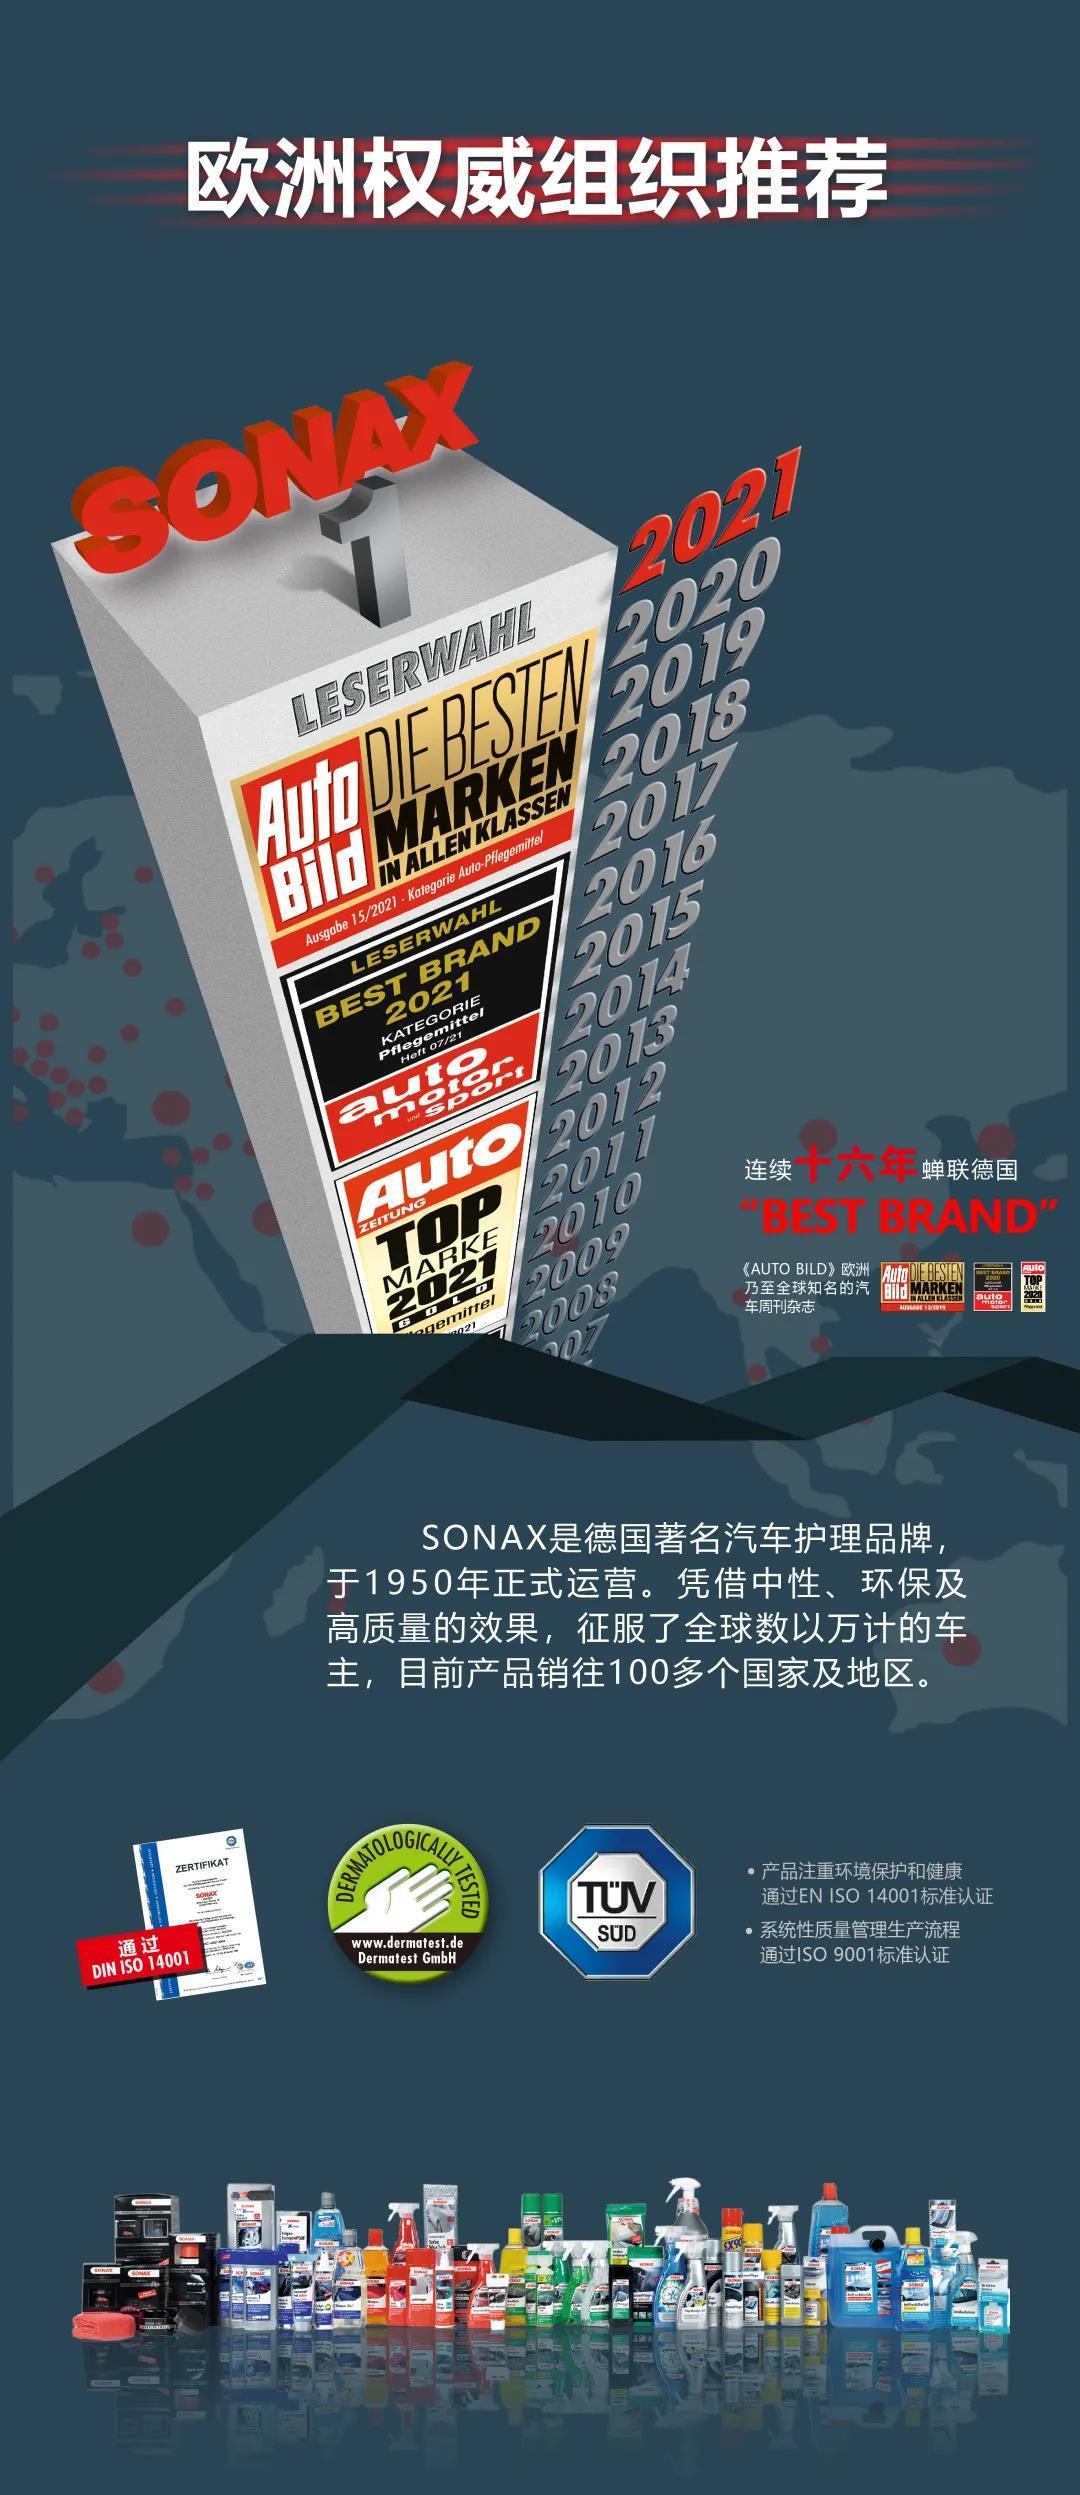 """万博maxbet硬实力——SONAX连续十六年蝉联德国""""最佳万博maxbet"""""""